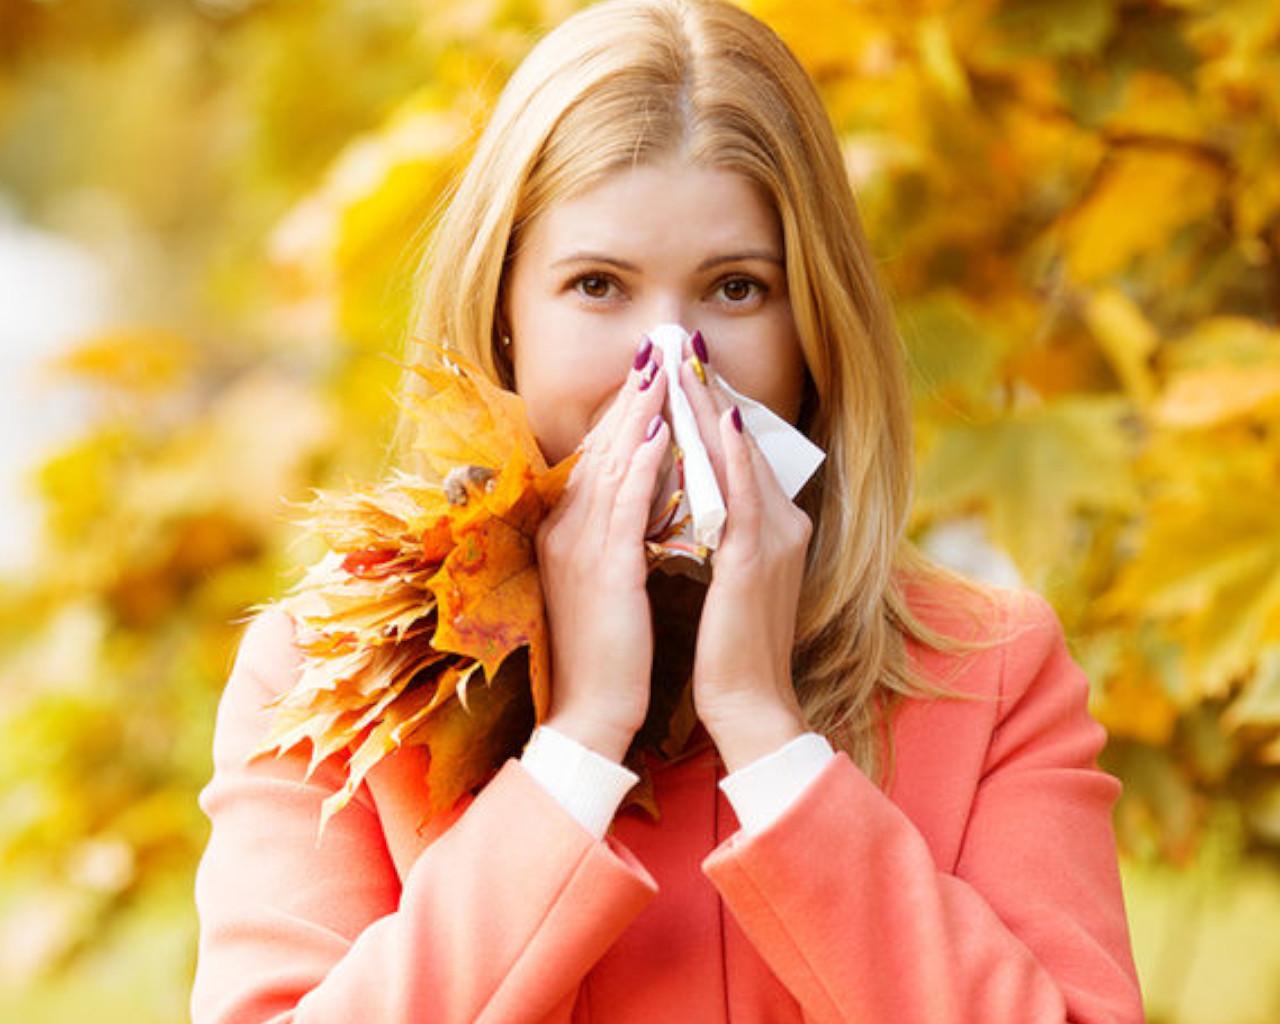 αλλεργια,αλλεργια συμπτωματα,αλλεργια απο βαφη μαλλιων αντιμετωπιση,αλλεργια ποσο κραταει,αλλεργια στον ηλιο,αλλεργια στο νερο,αλλεργια στισ γατεσ,αλλεργια στα ματια,αλλεργια απο συκια